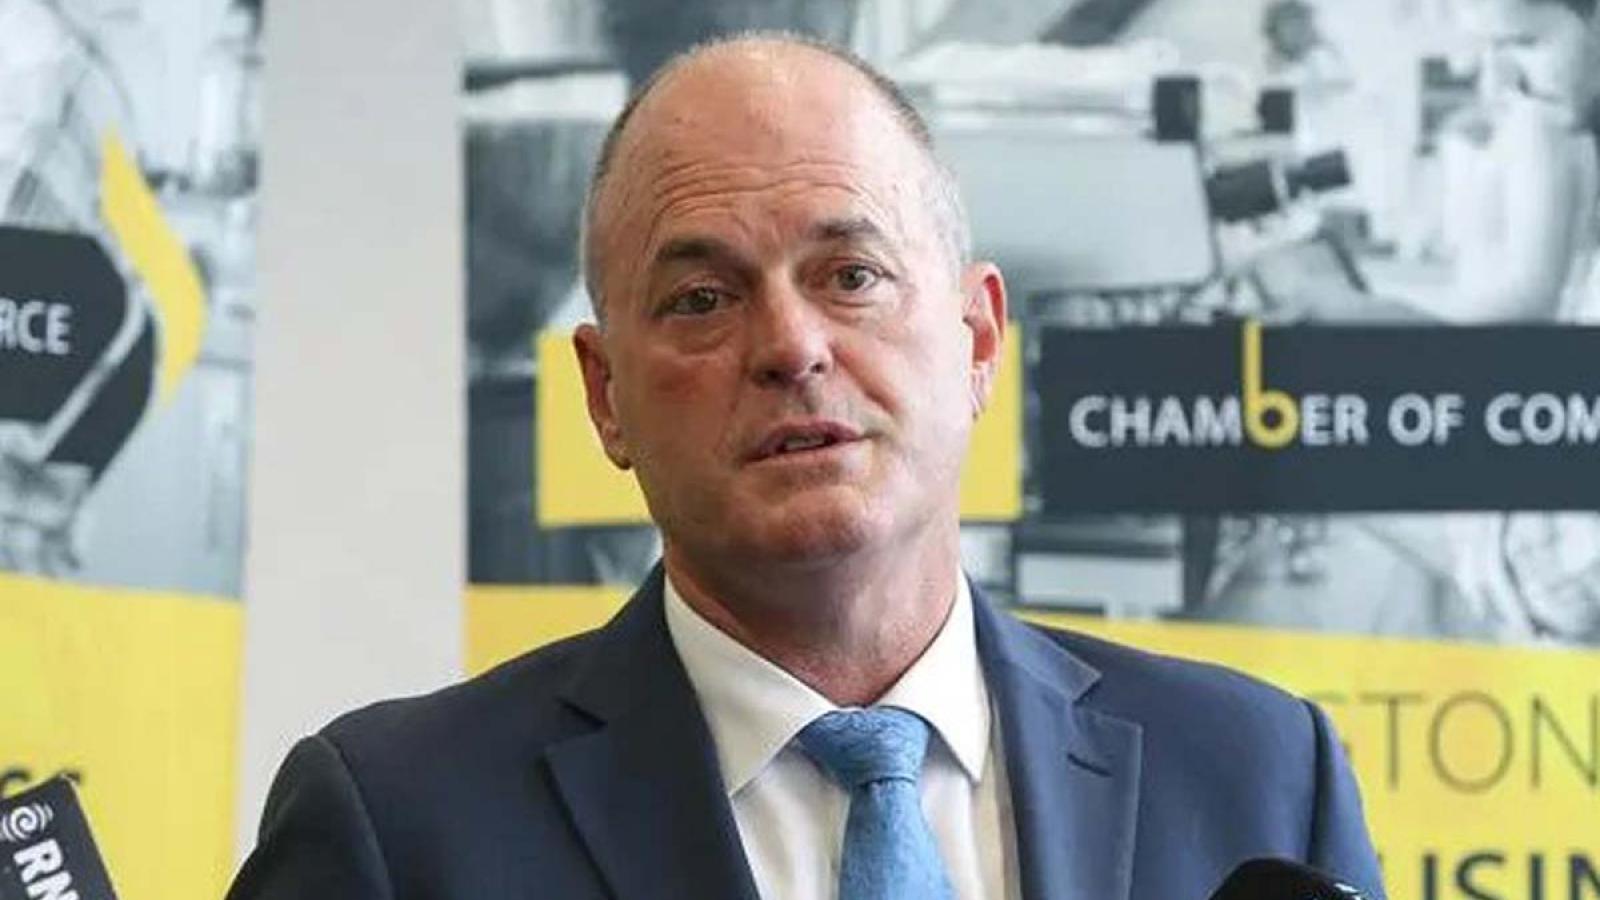 Lãnh đạo phe đối lập New Zealand bất ngờ từ chức trước bầu cử